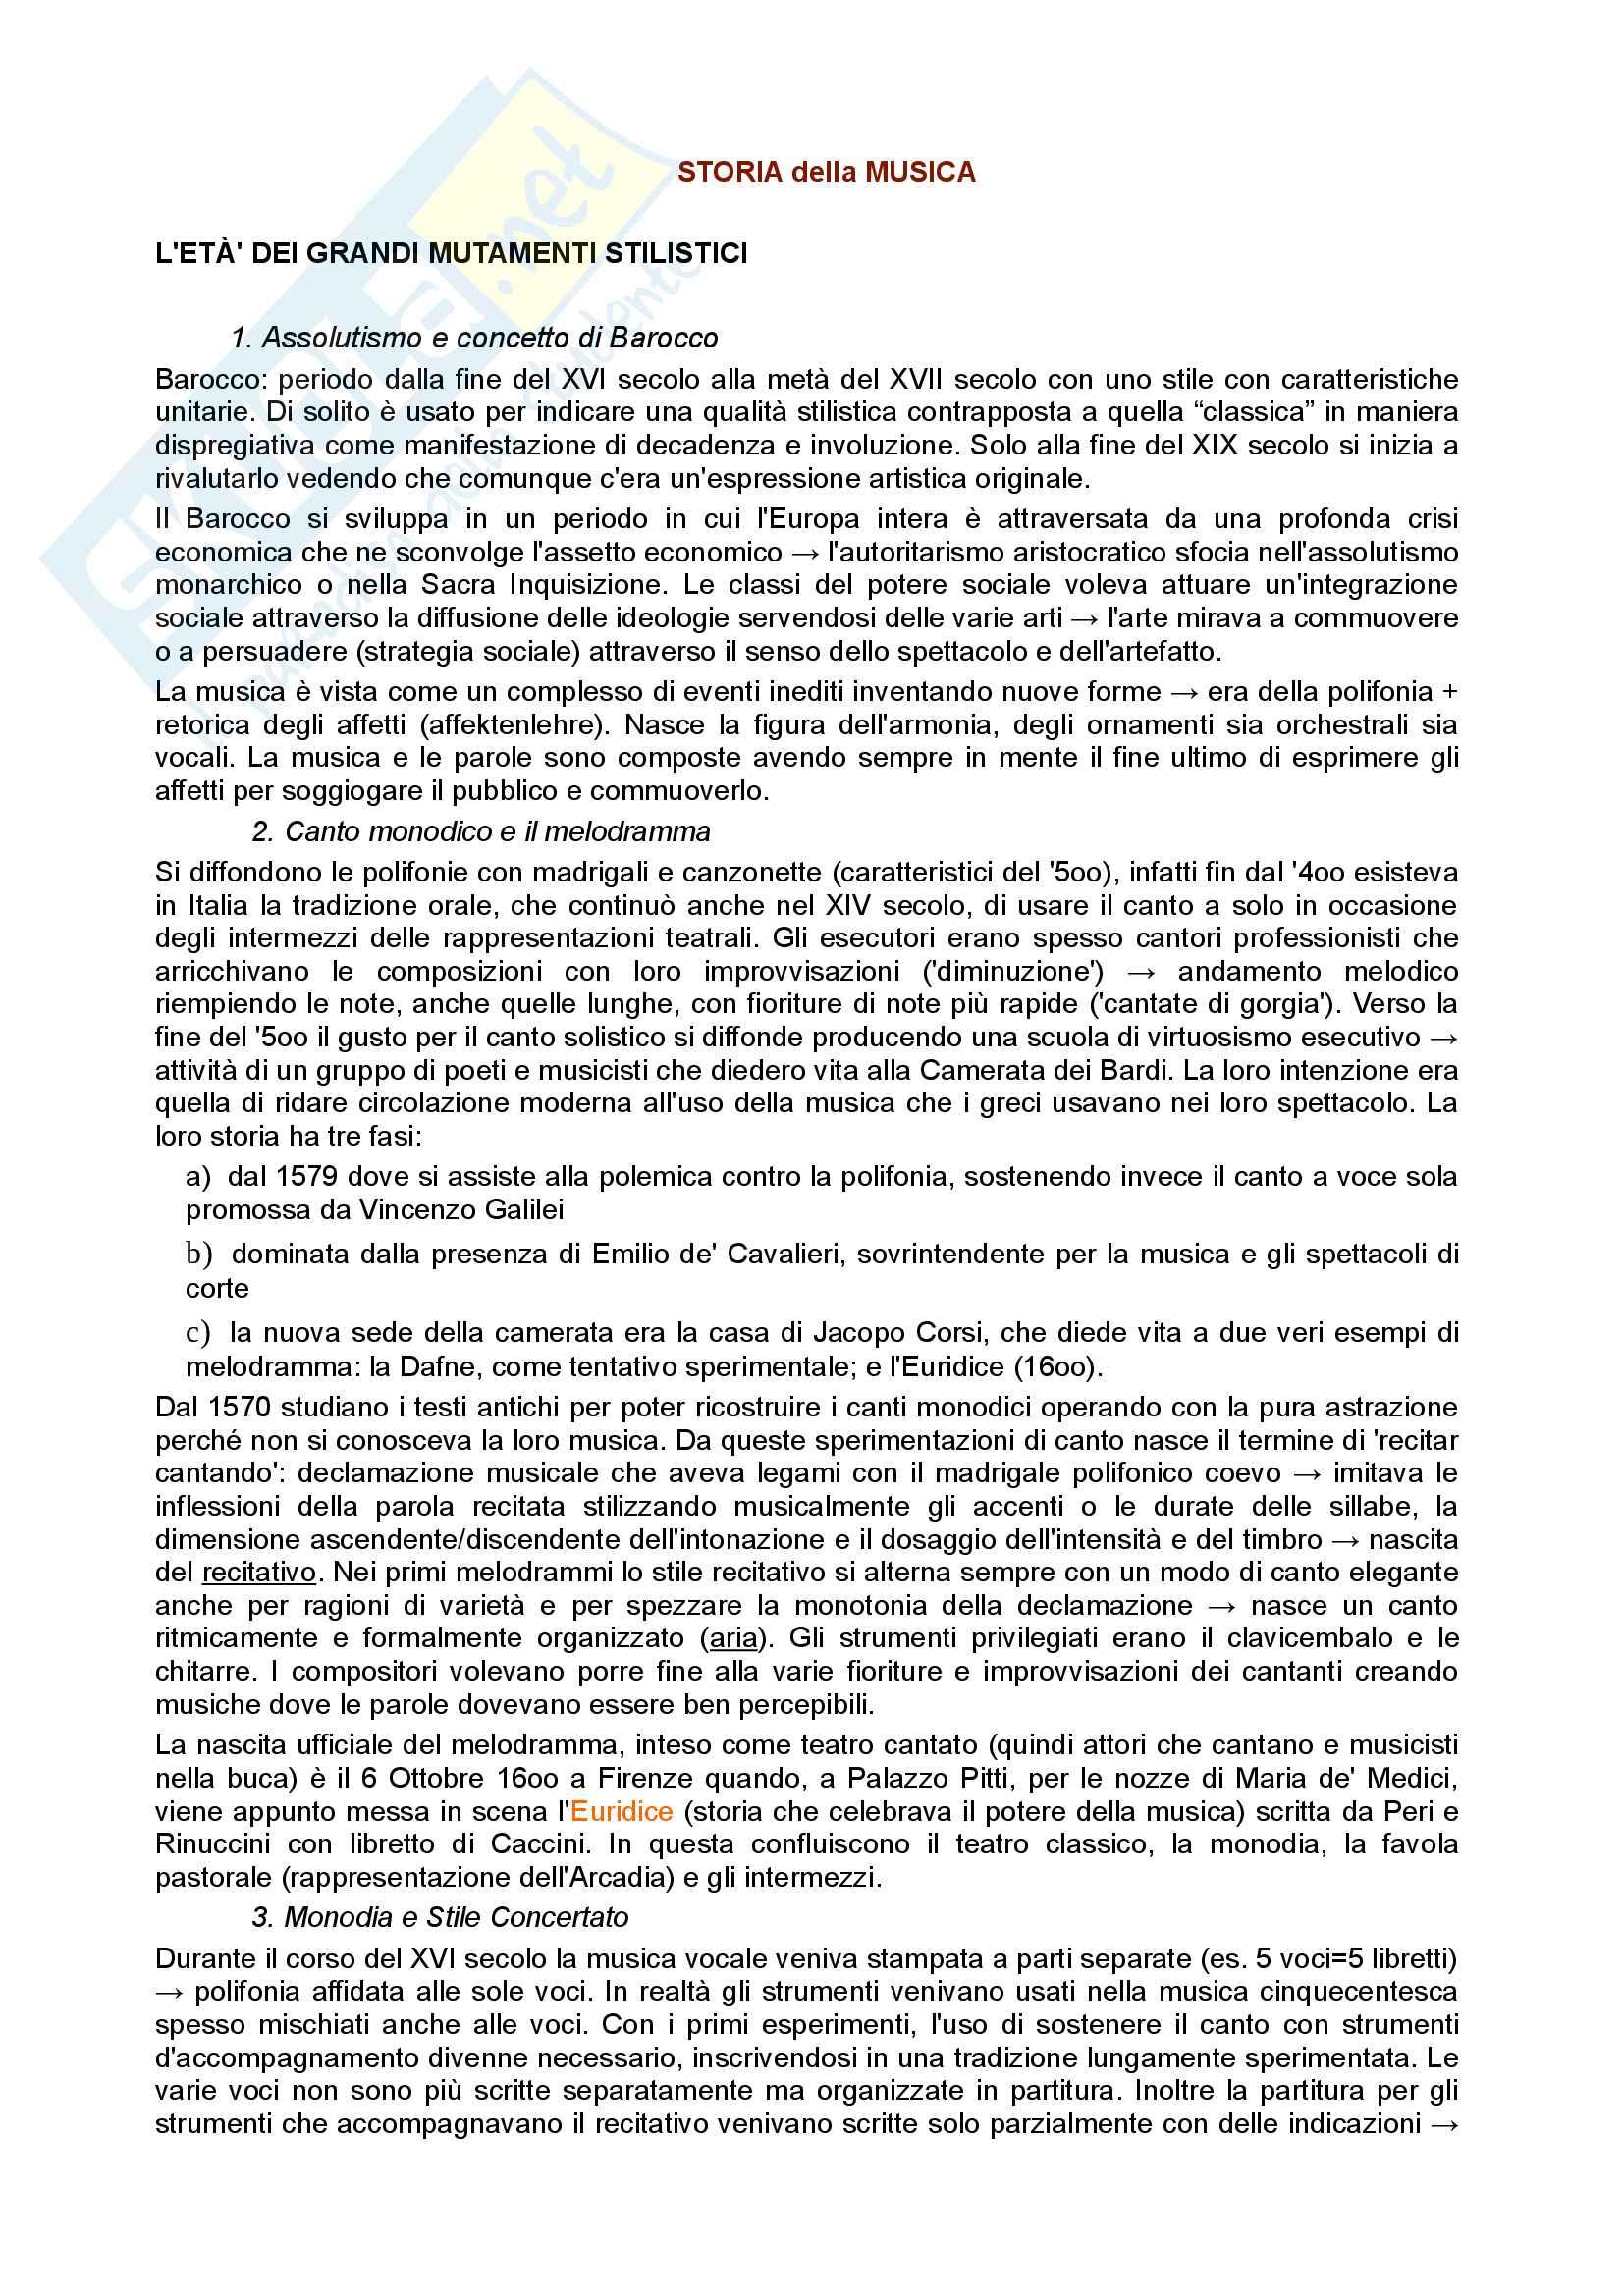 Riassunto esame di Storia della Musica, prof. Moppi, libro consigliato Manuale di storia della musica, Elvidio Surian